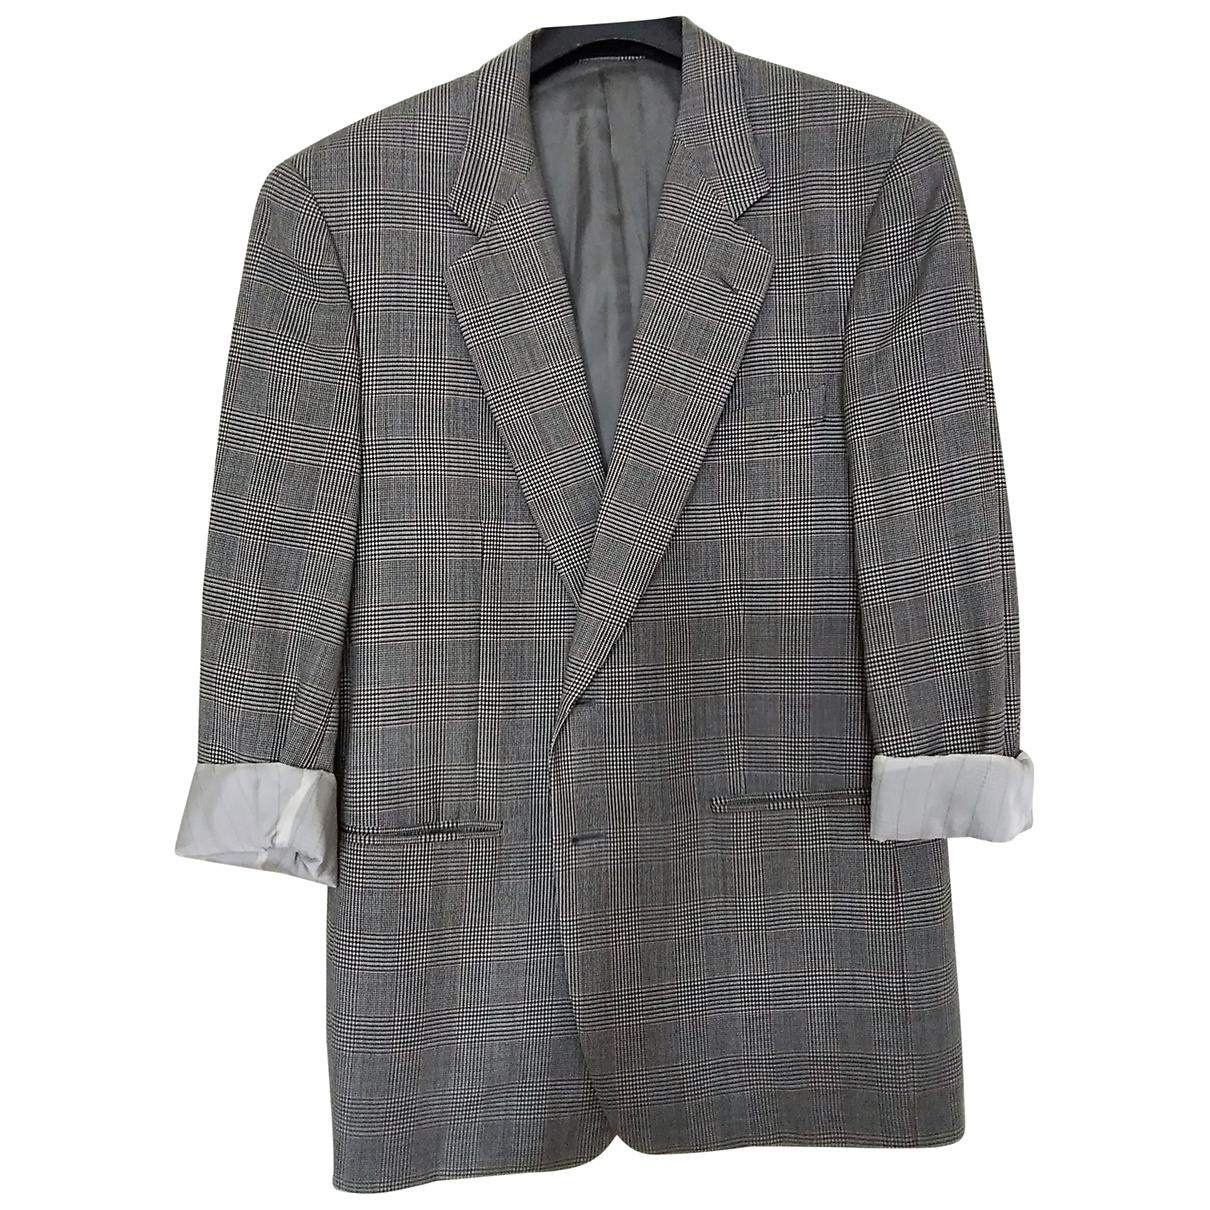 Corneliani - Vestes.Blousons   pour homme en laine - gris